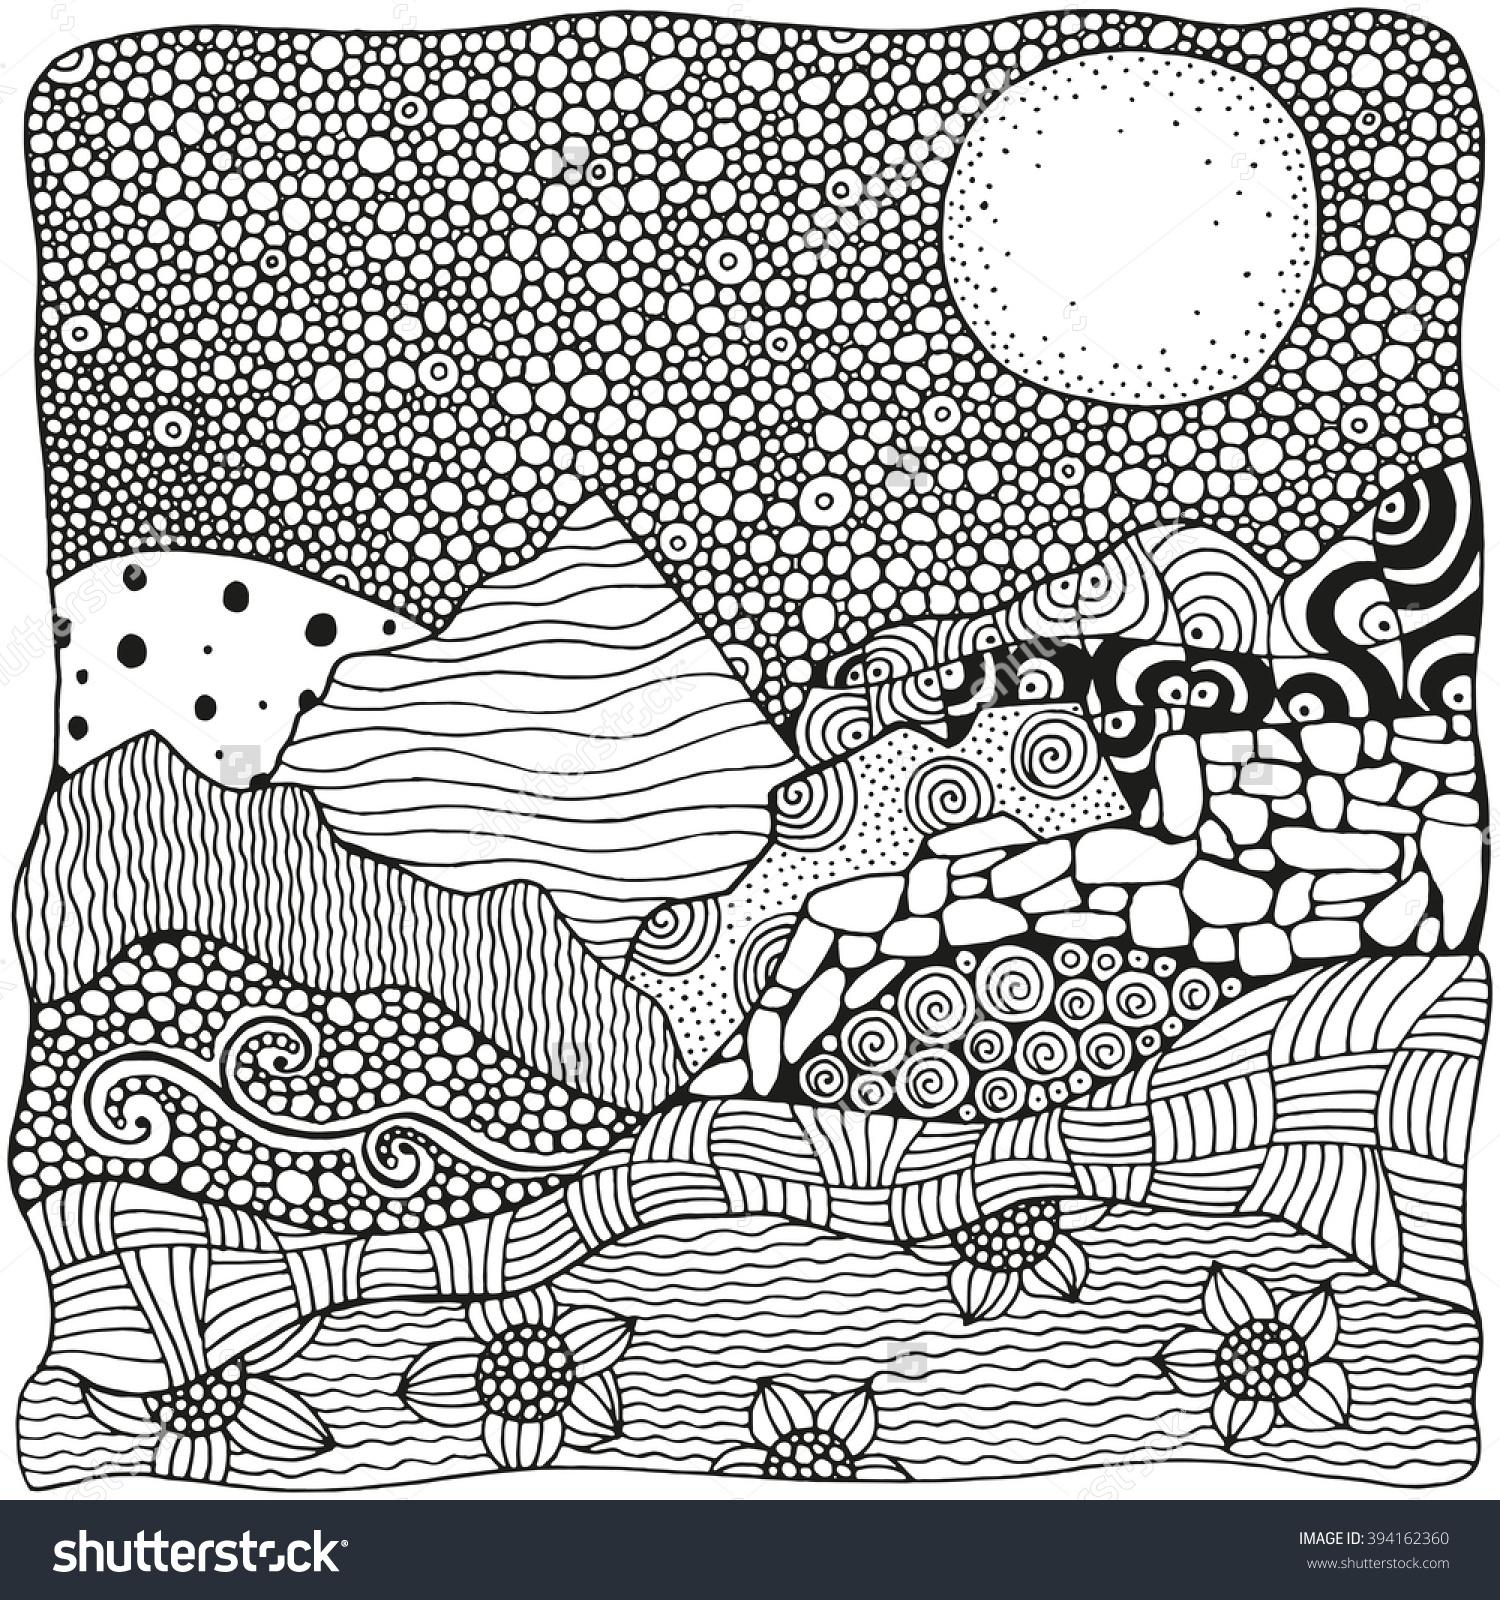 Moonloght coloring #16, Download drawings